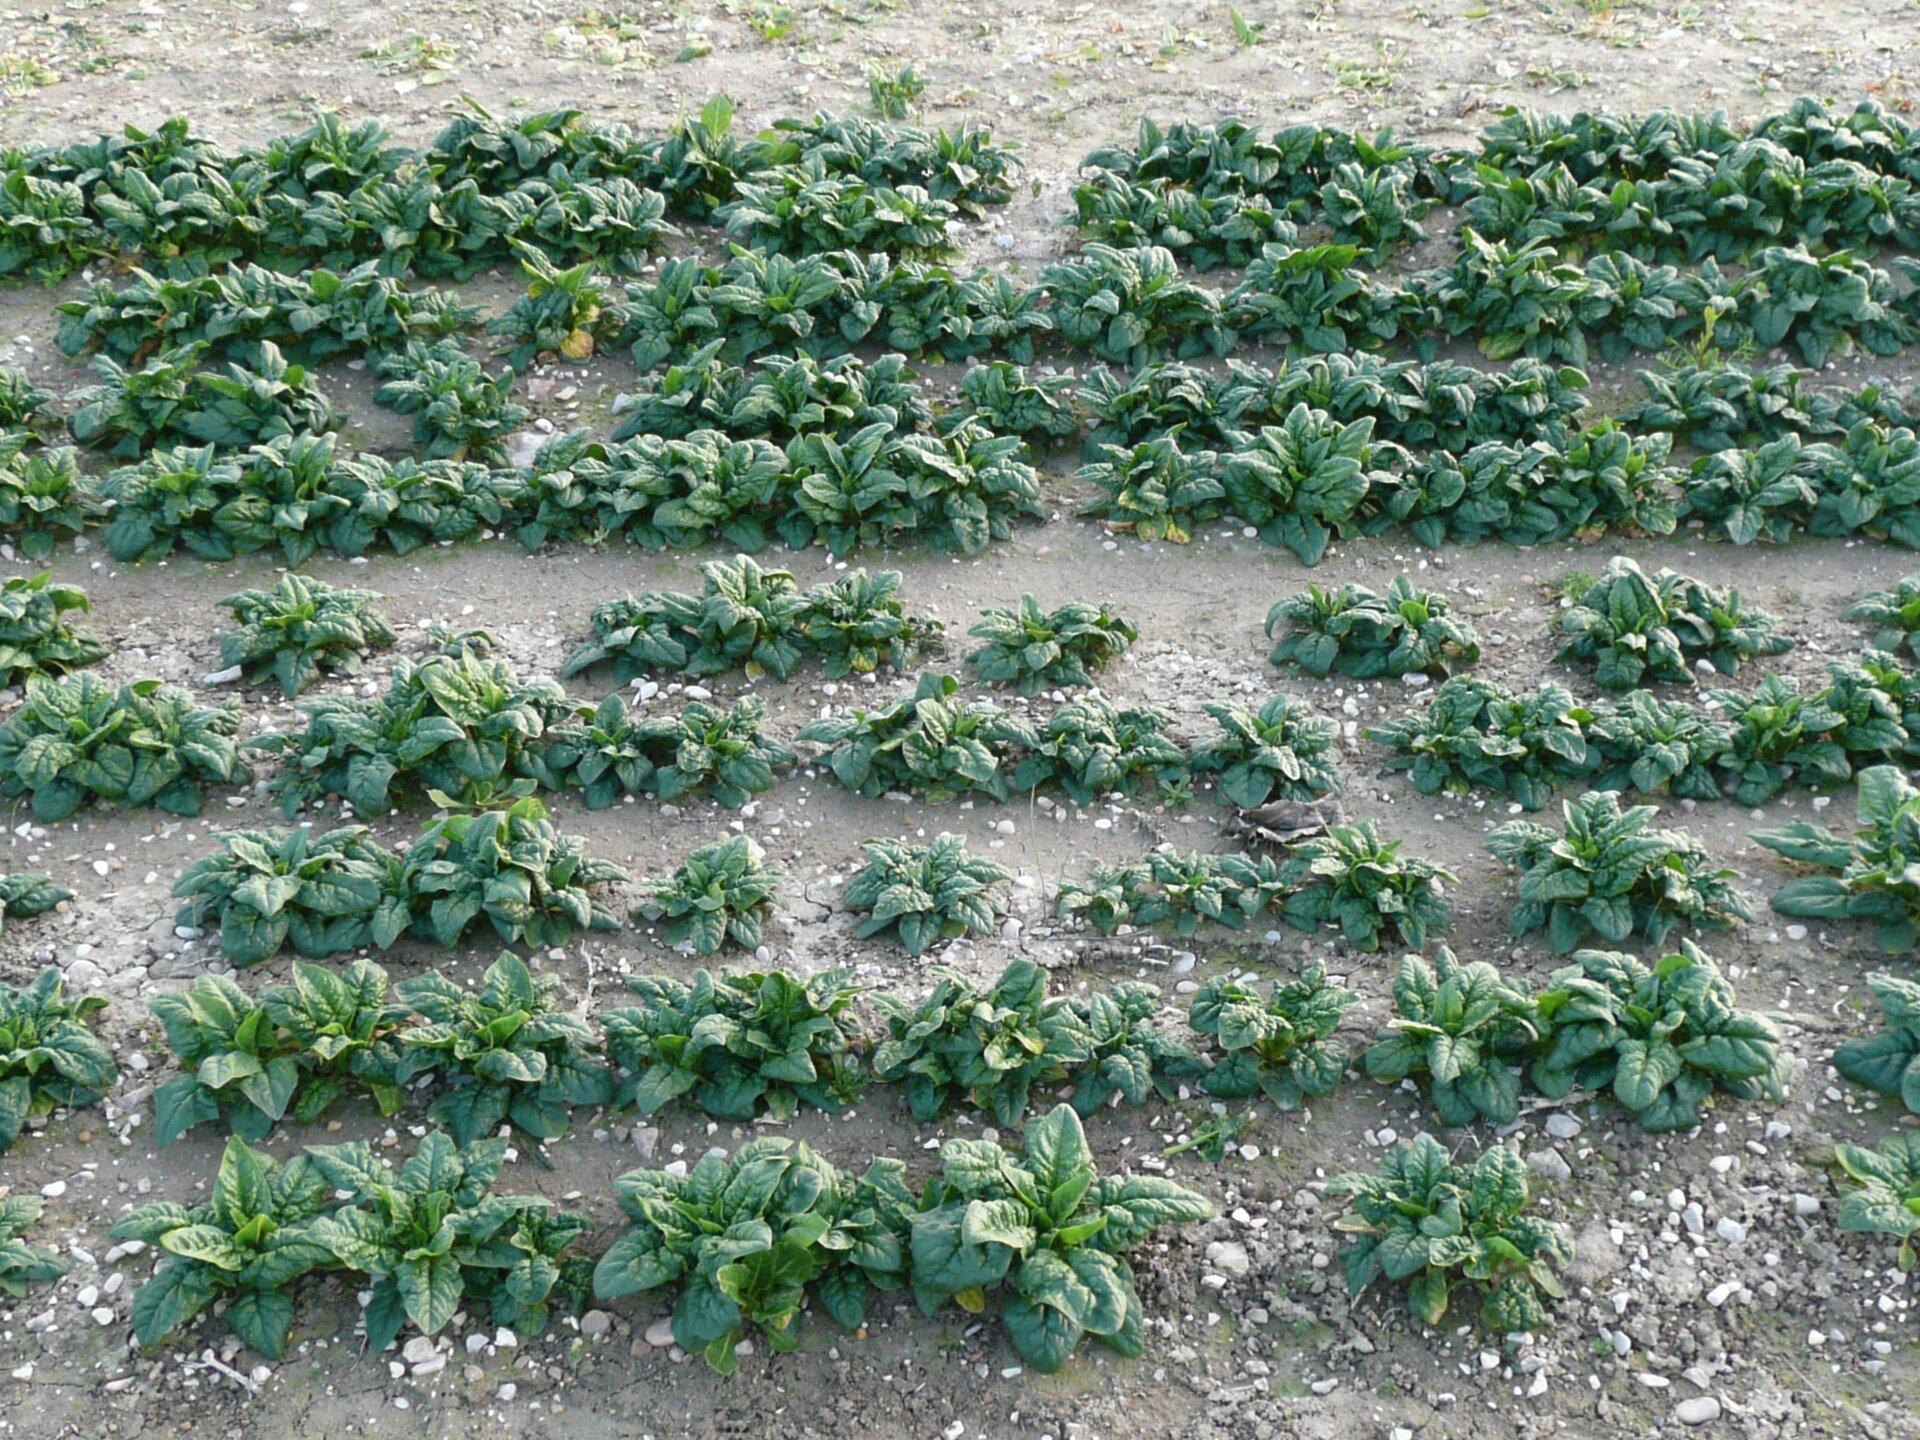 Na zdjęciu pole szpinaku, równe rzędy młodych roślin.